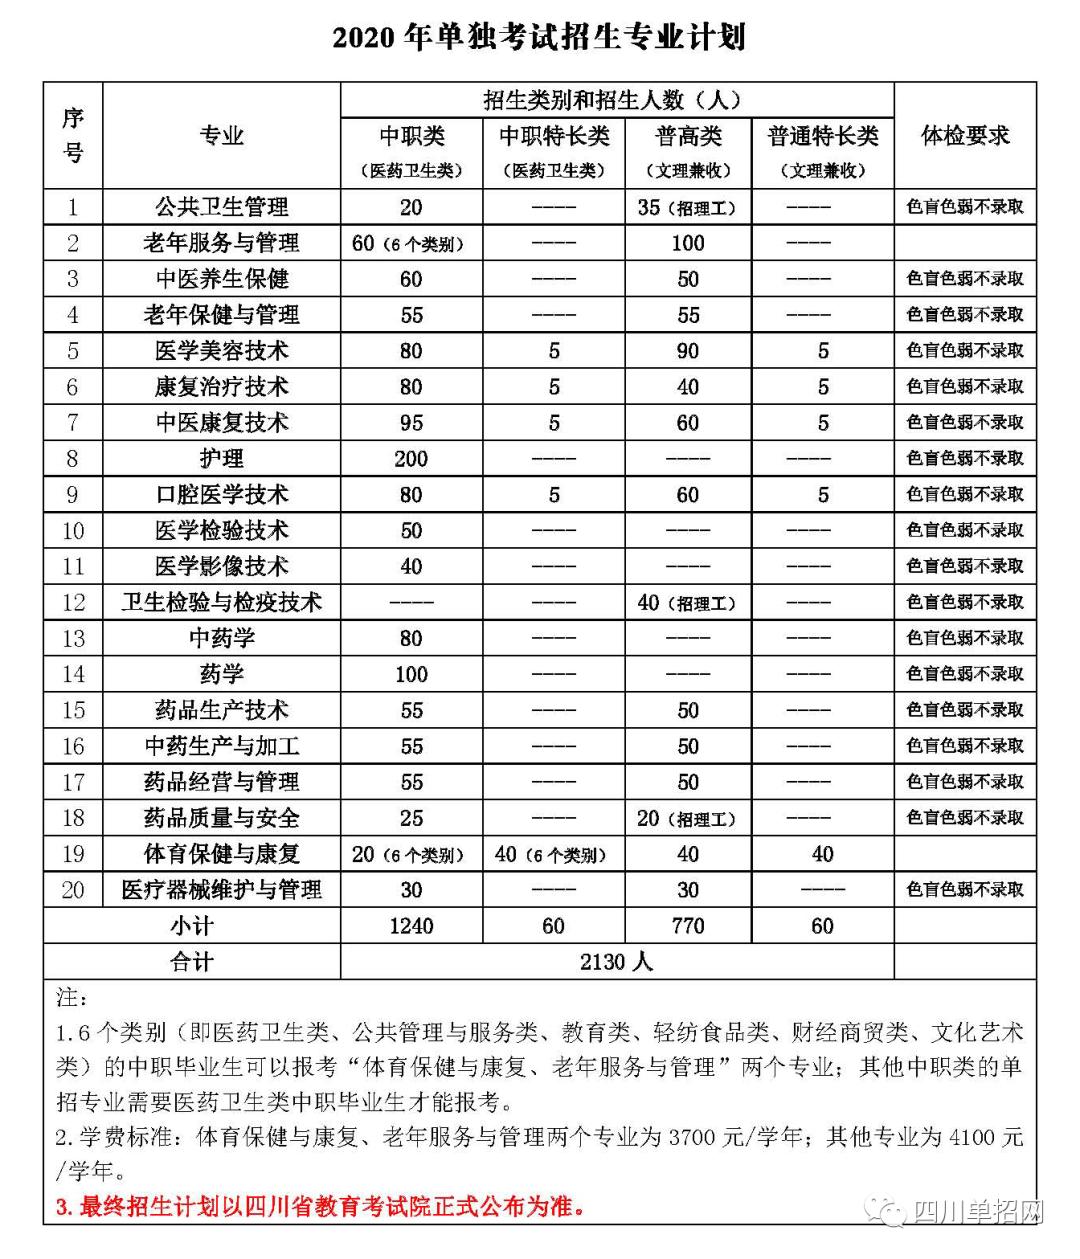 【收藏】四川单招5所医护类专门学校,招生计划及录取分数汇总